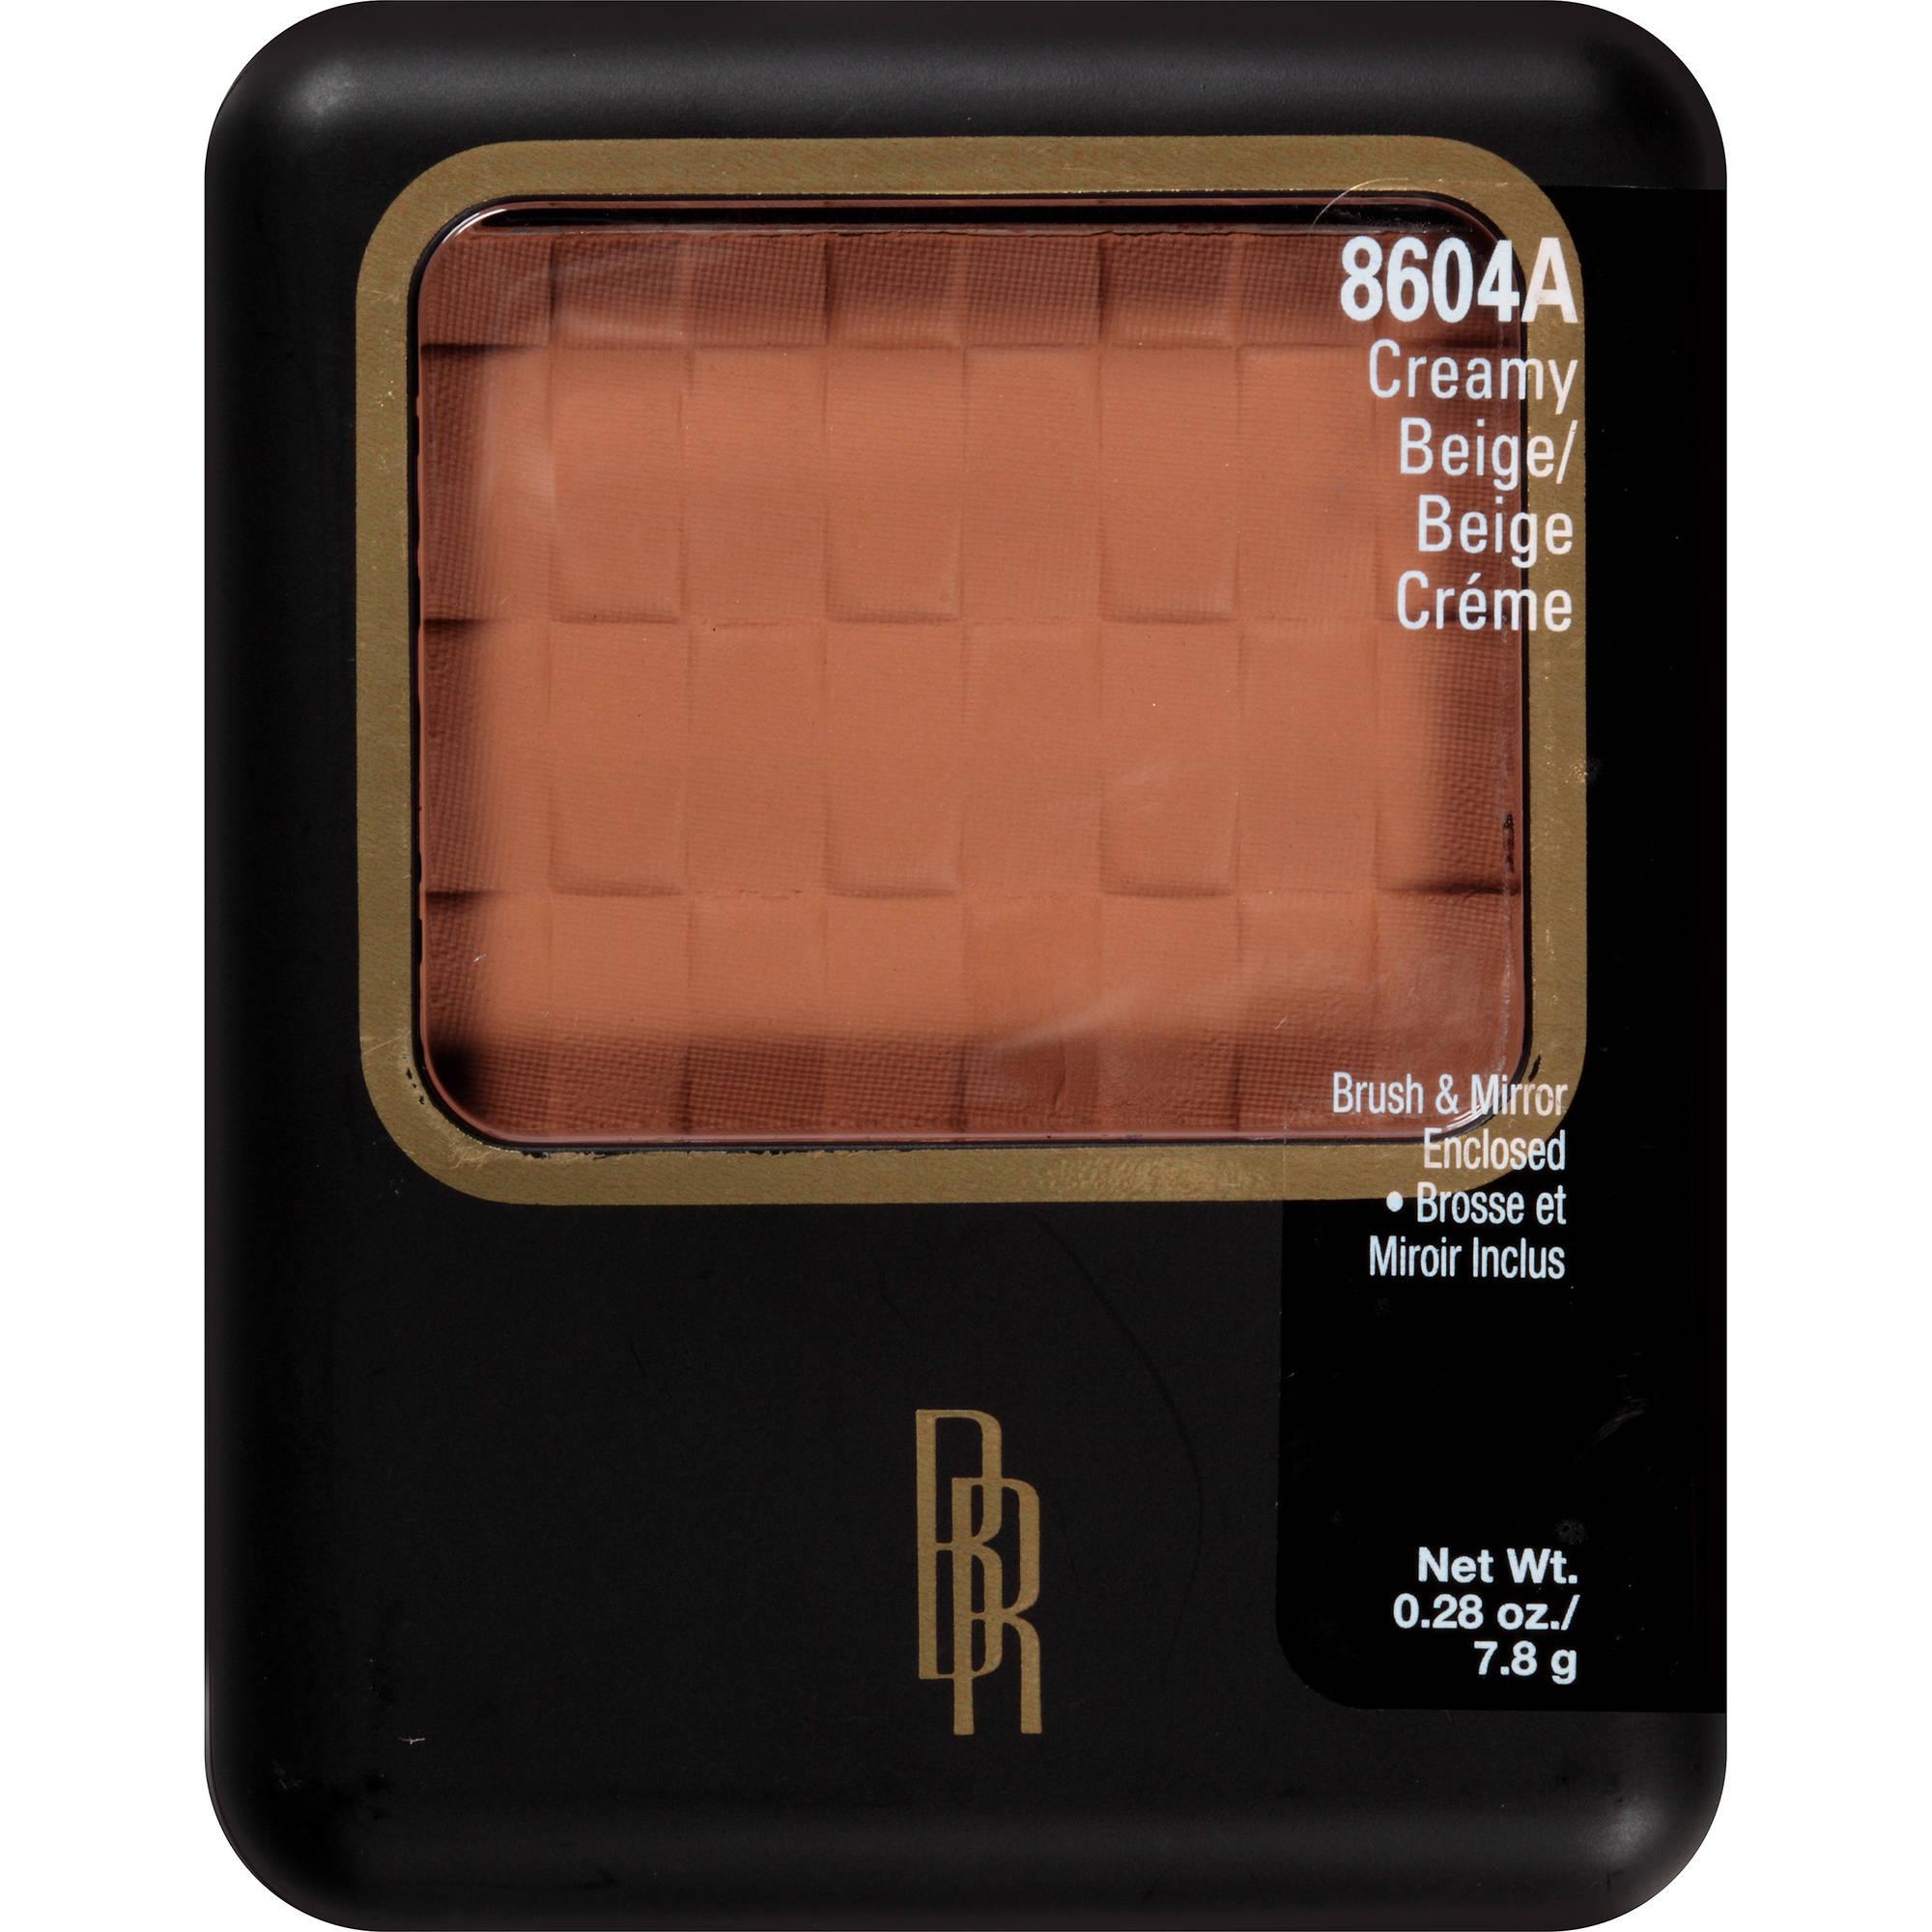 Black Radiance Pressed Facial Powder, 8604A Creamy Beige, 0.28 oz